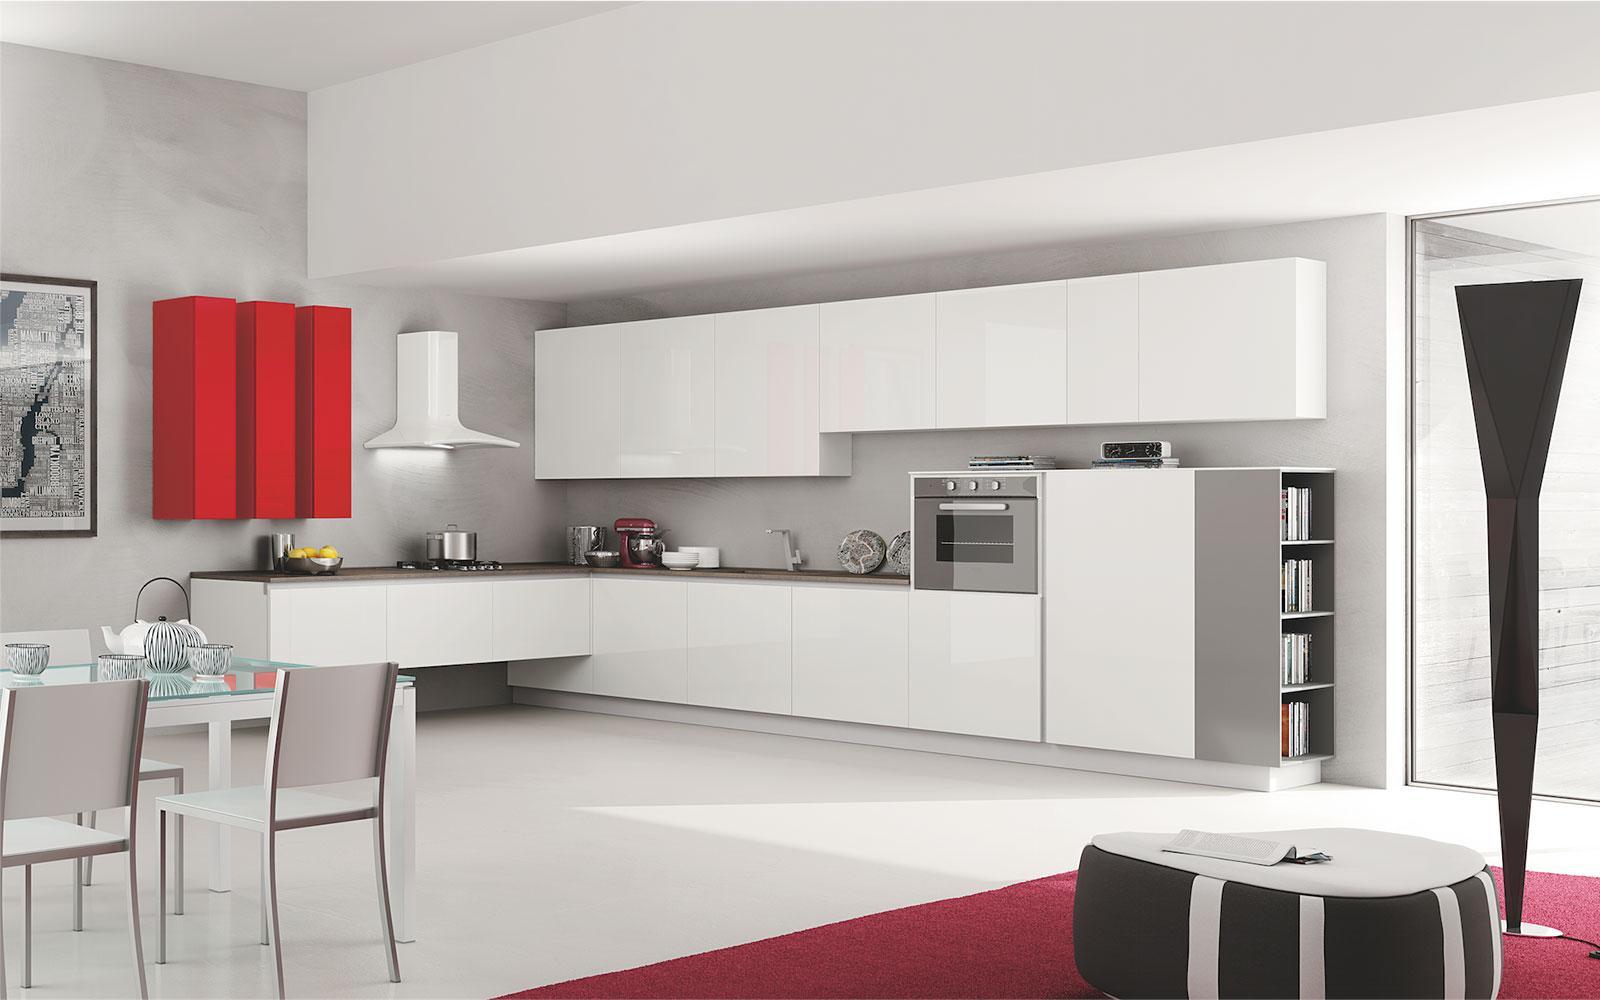 Cucina oceano tutto mobili arredamento camere cucine ufficio roma - Cucina oceano mobilturi prezzi ...